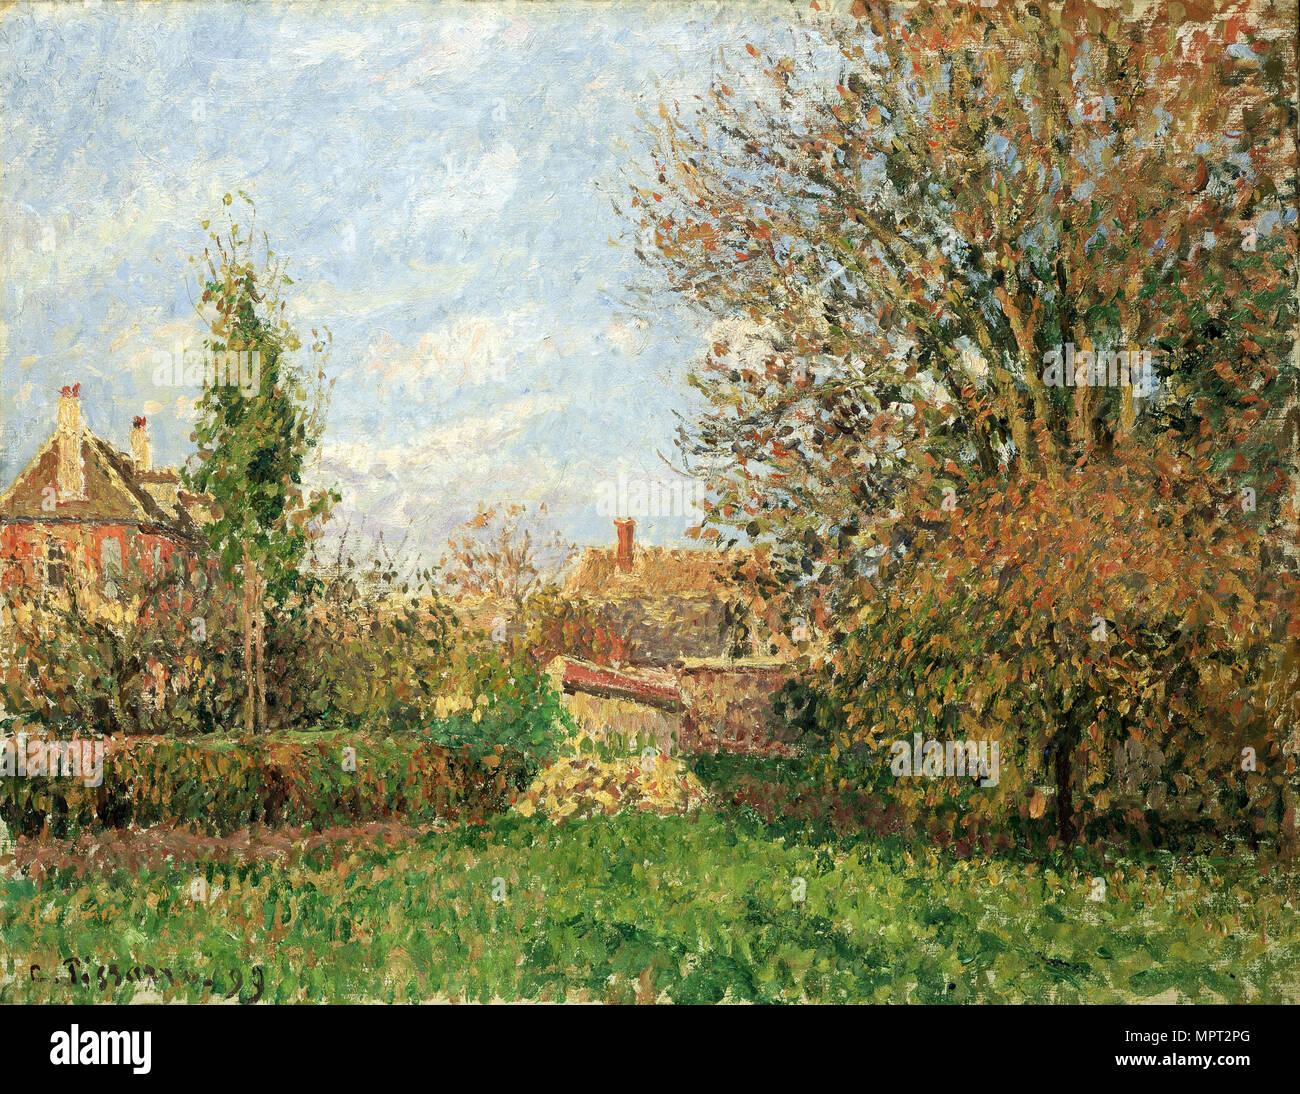 Autumn in Eragny (Automne à Eragny), 1899. - Stock Image